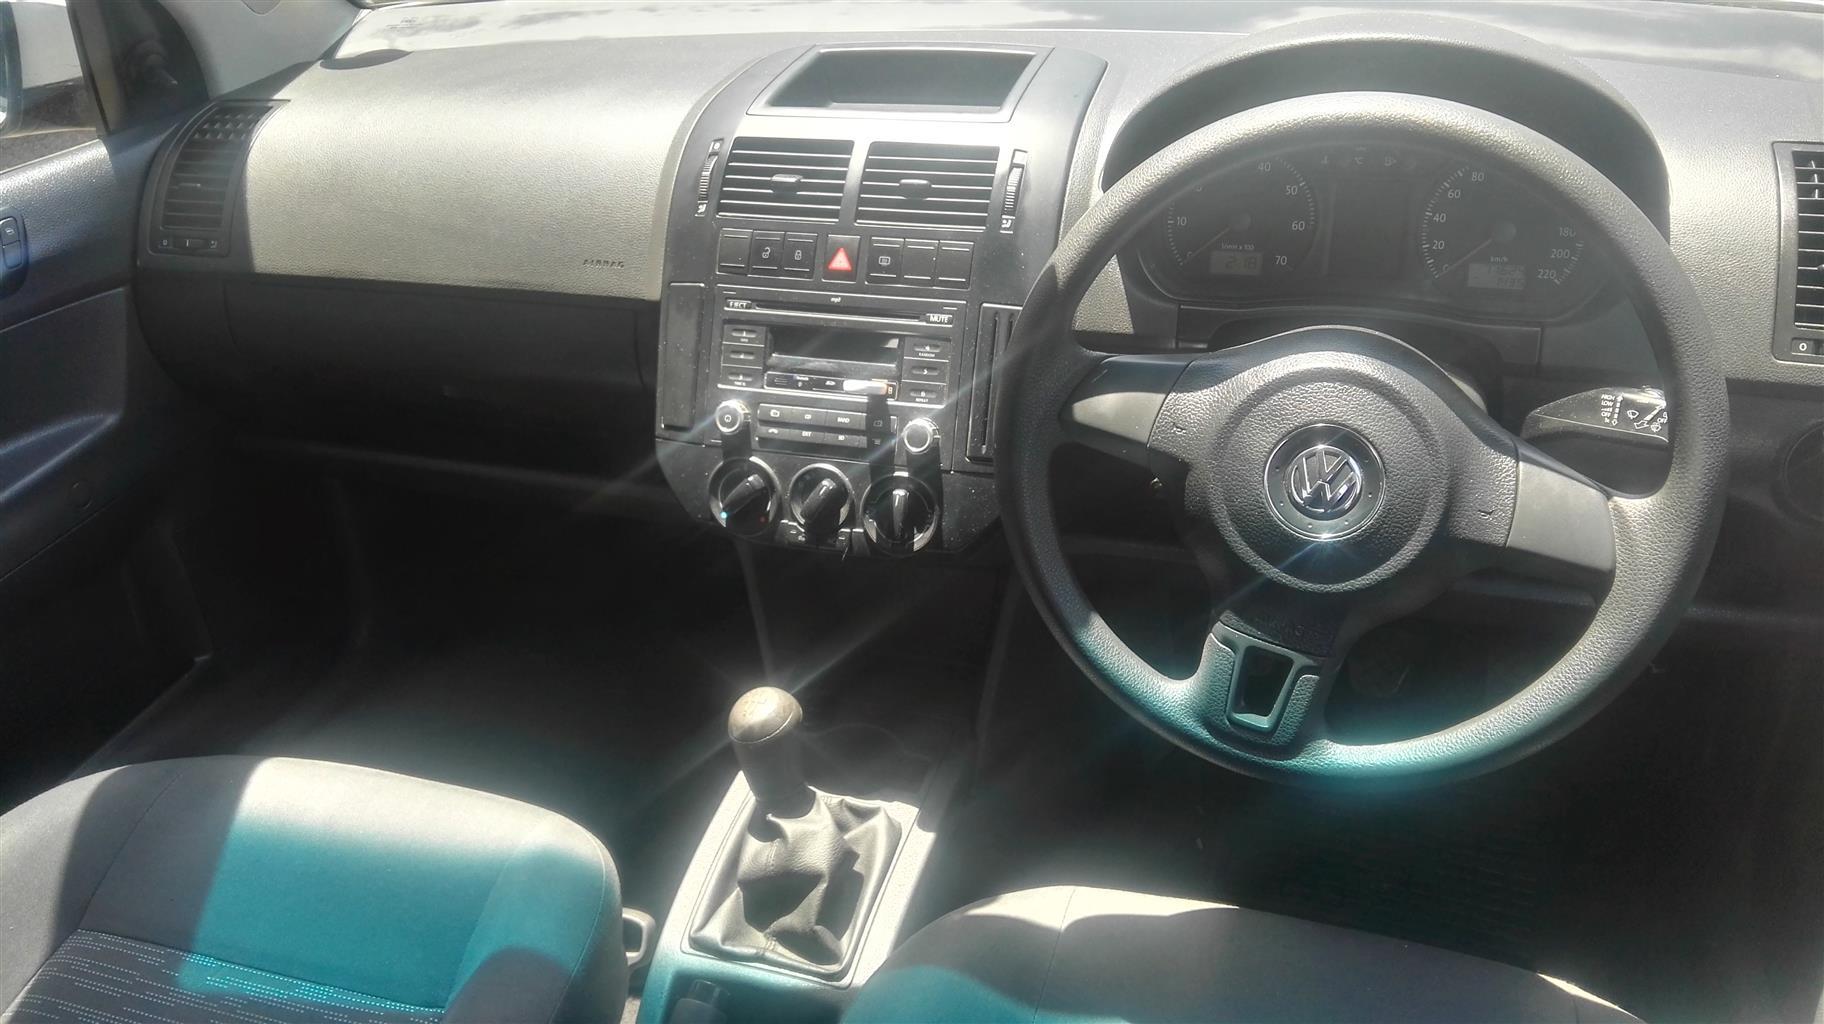 2016 VW Polo Vivo 5 door 1.4